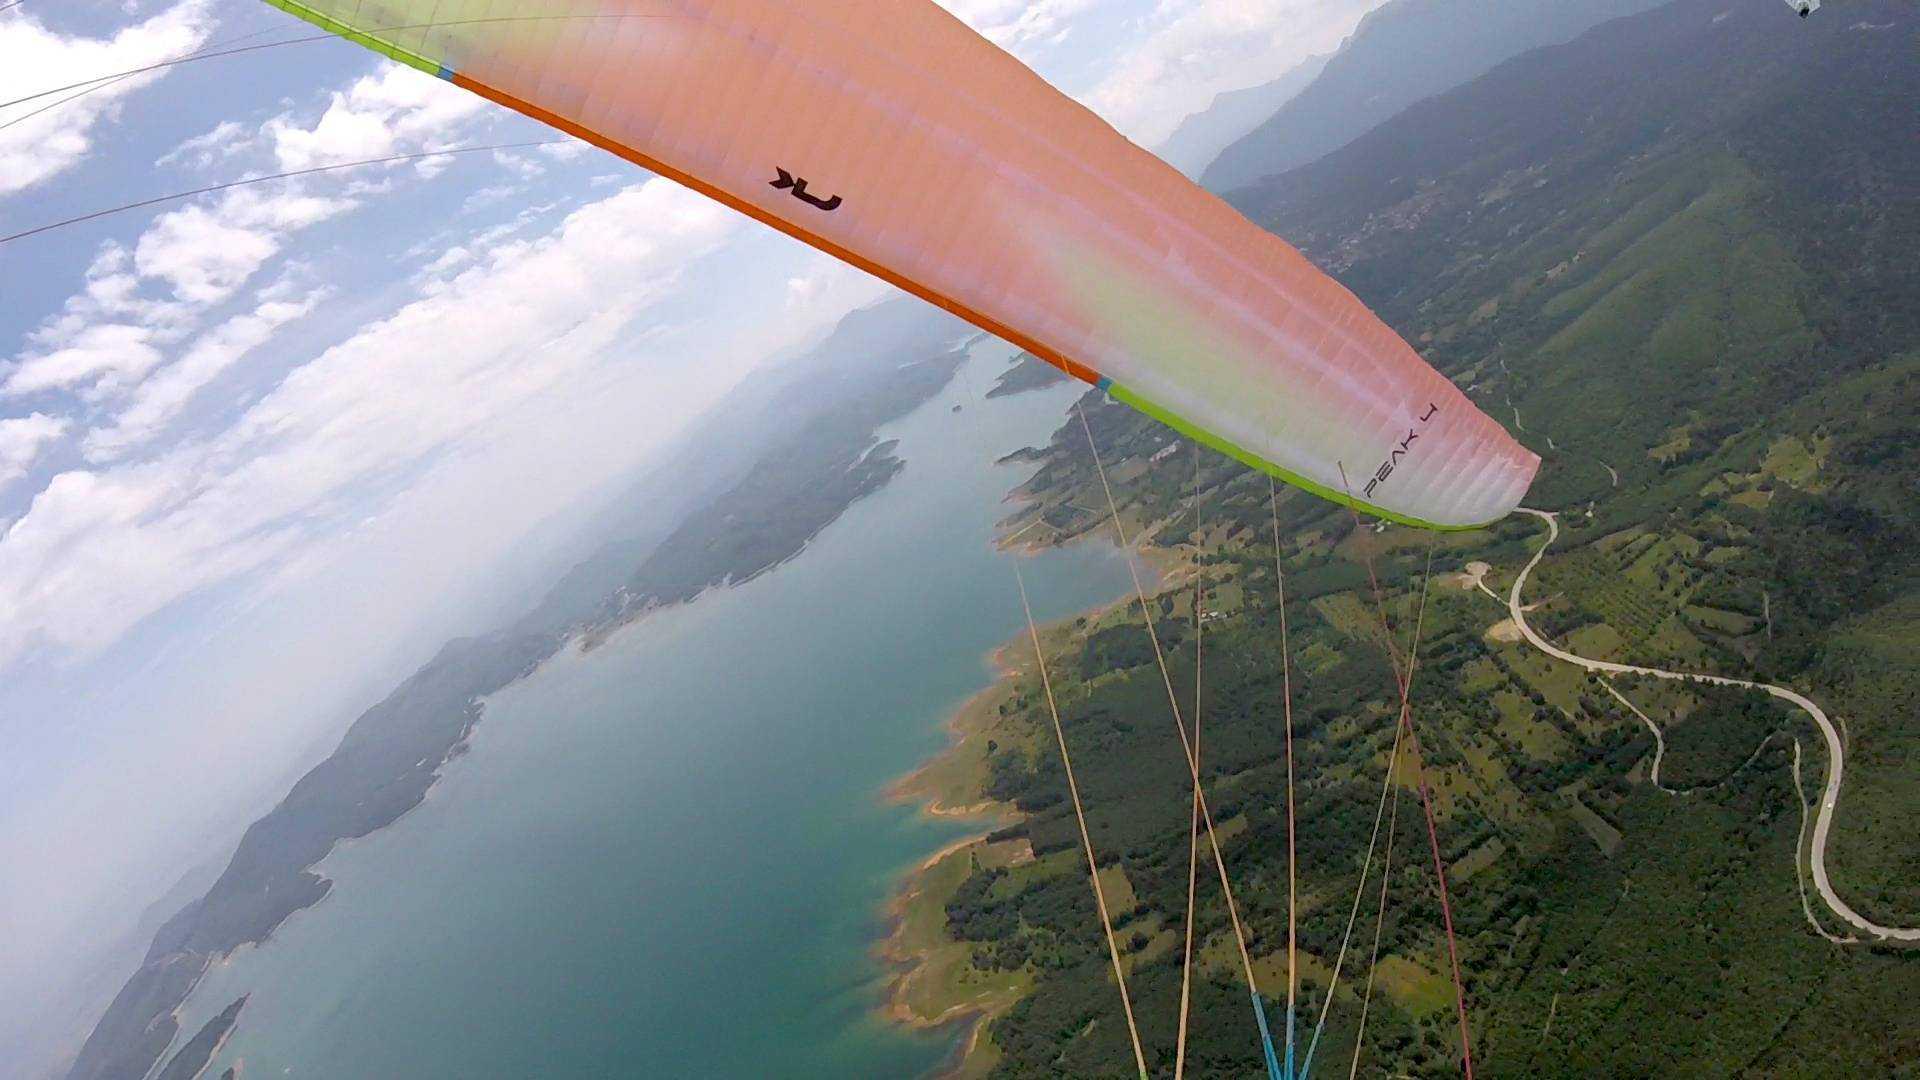 Διθέσια πτήση με αλεξίπτωτο πλαγιάς στην λίμνη Πλαστήρα